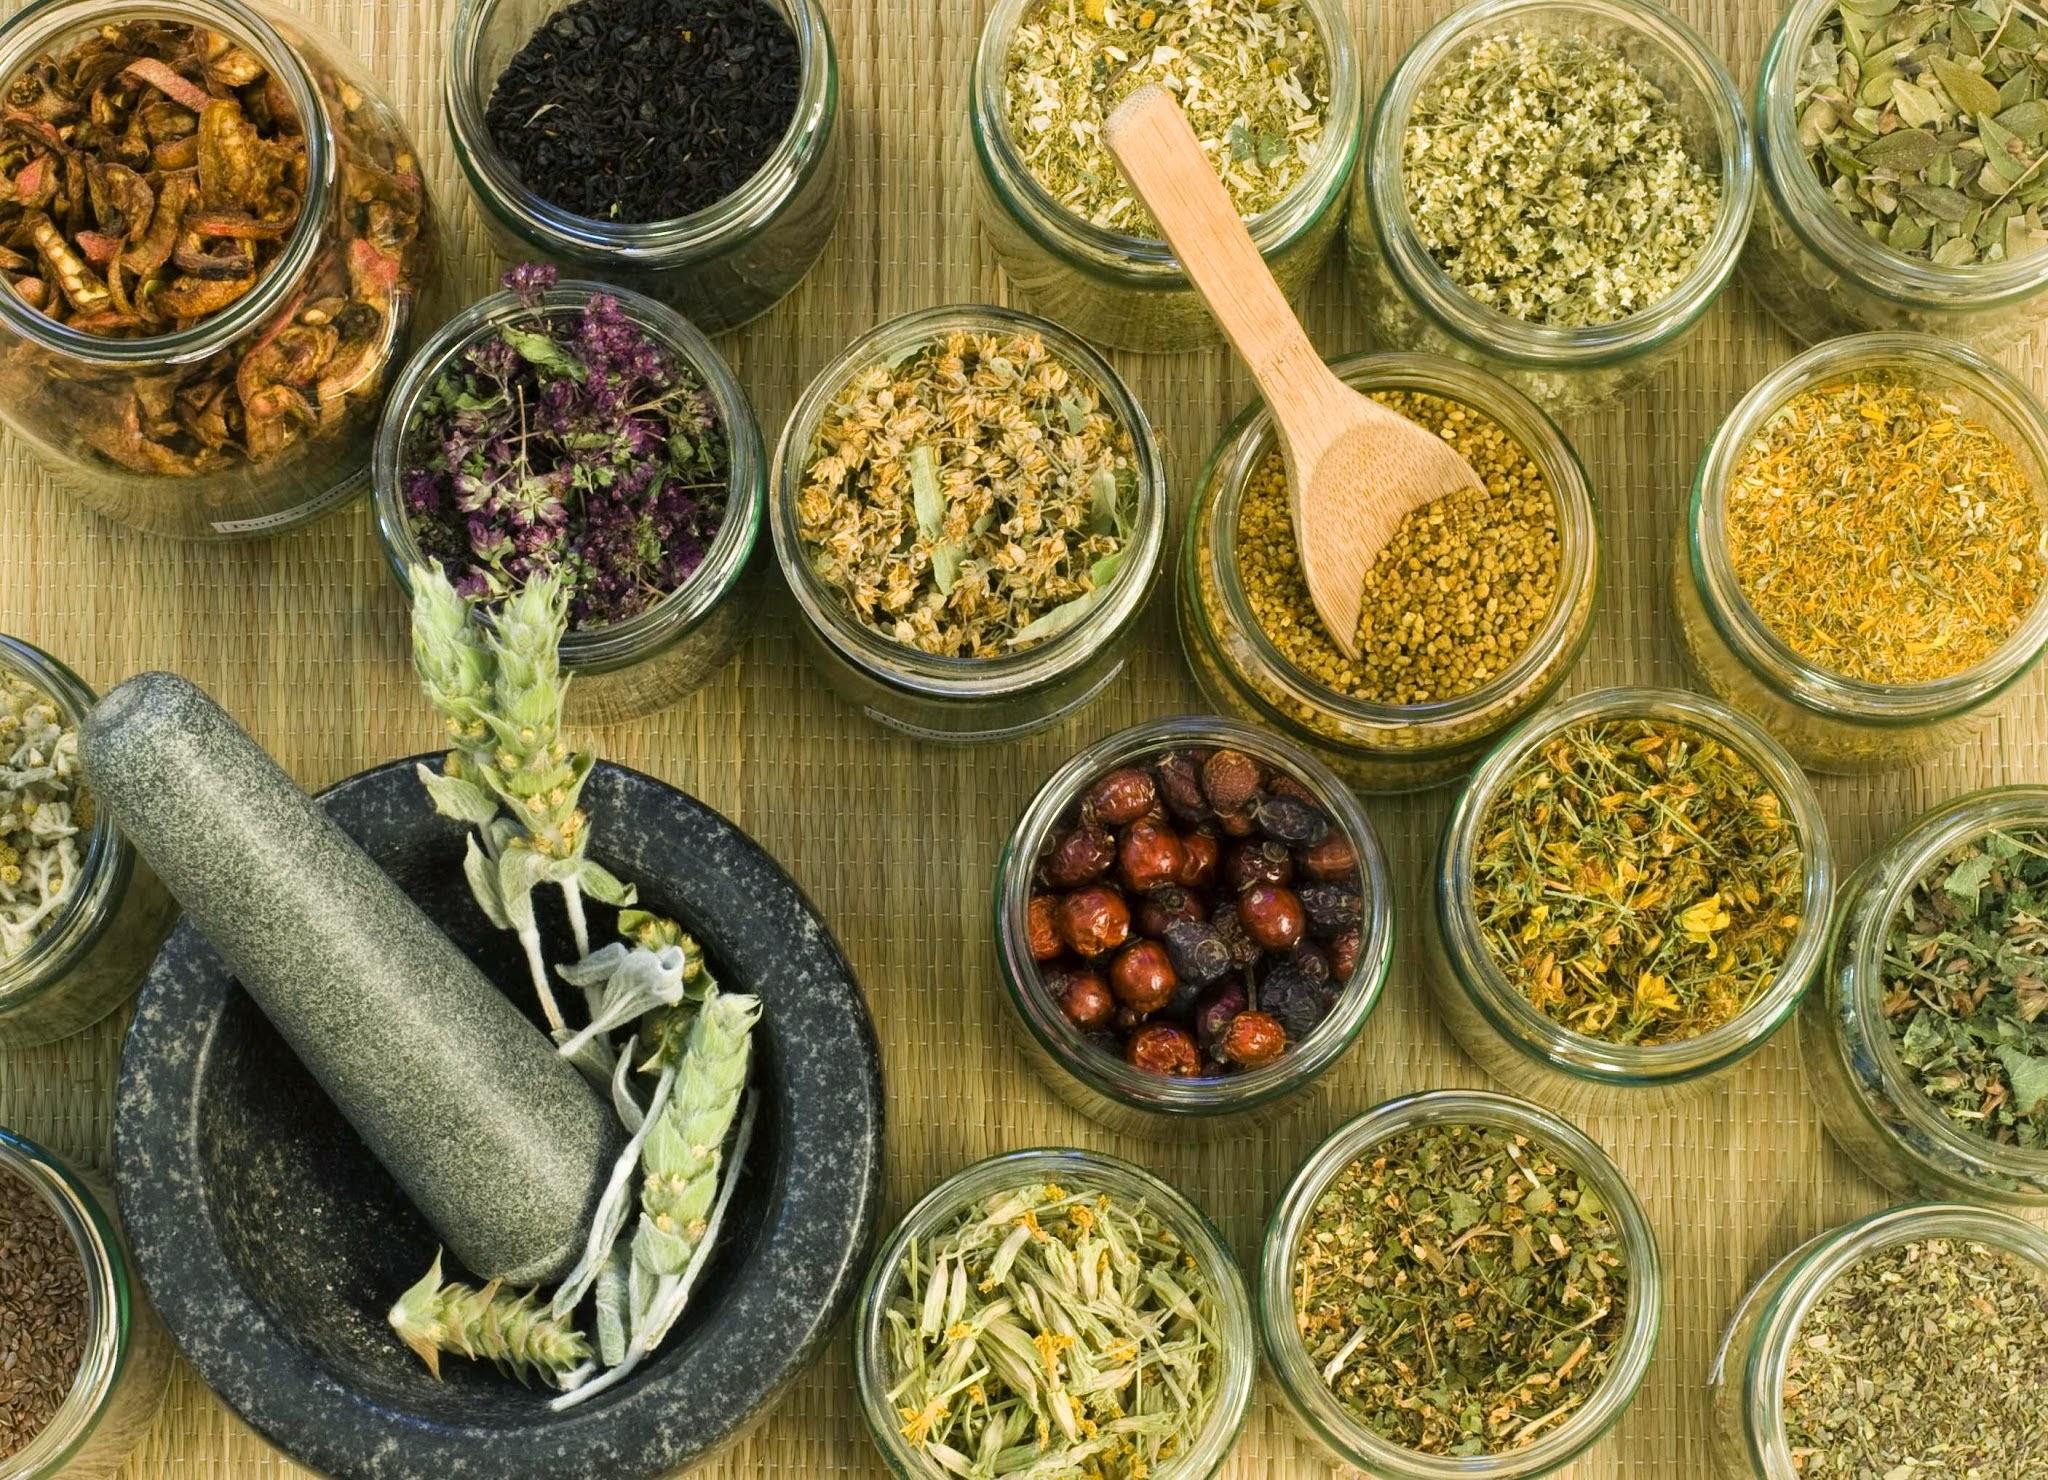 Избавьтесь от мастопатии с лекарственными травами и растениями